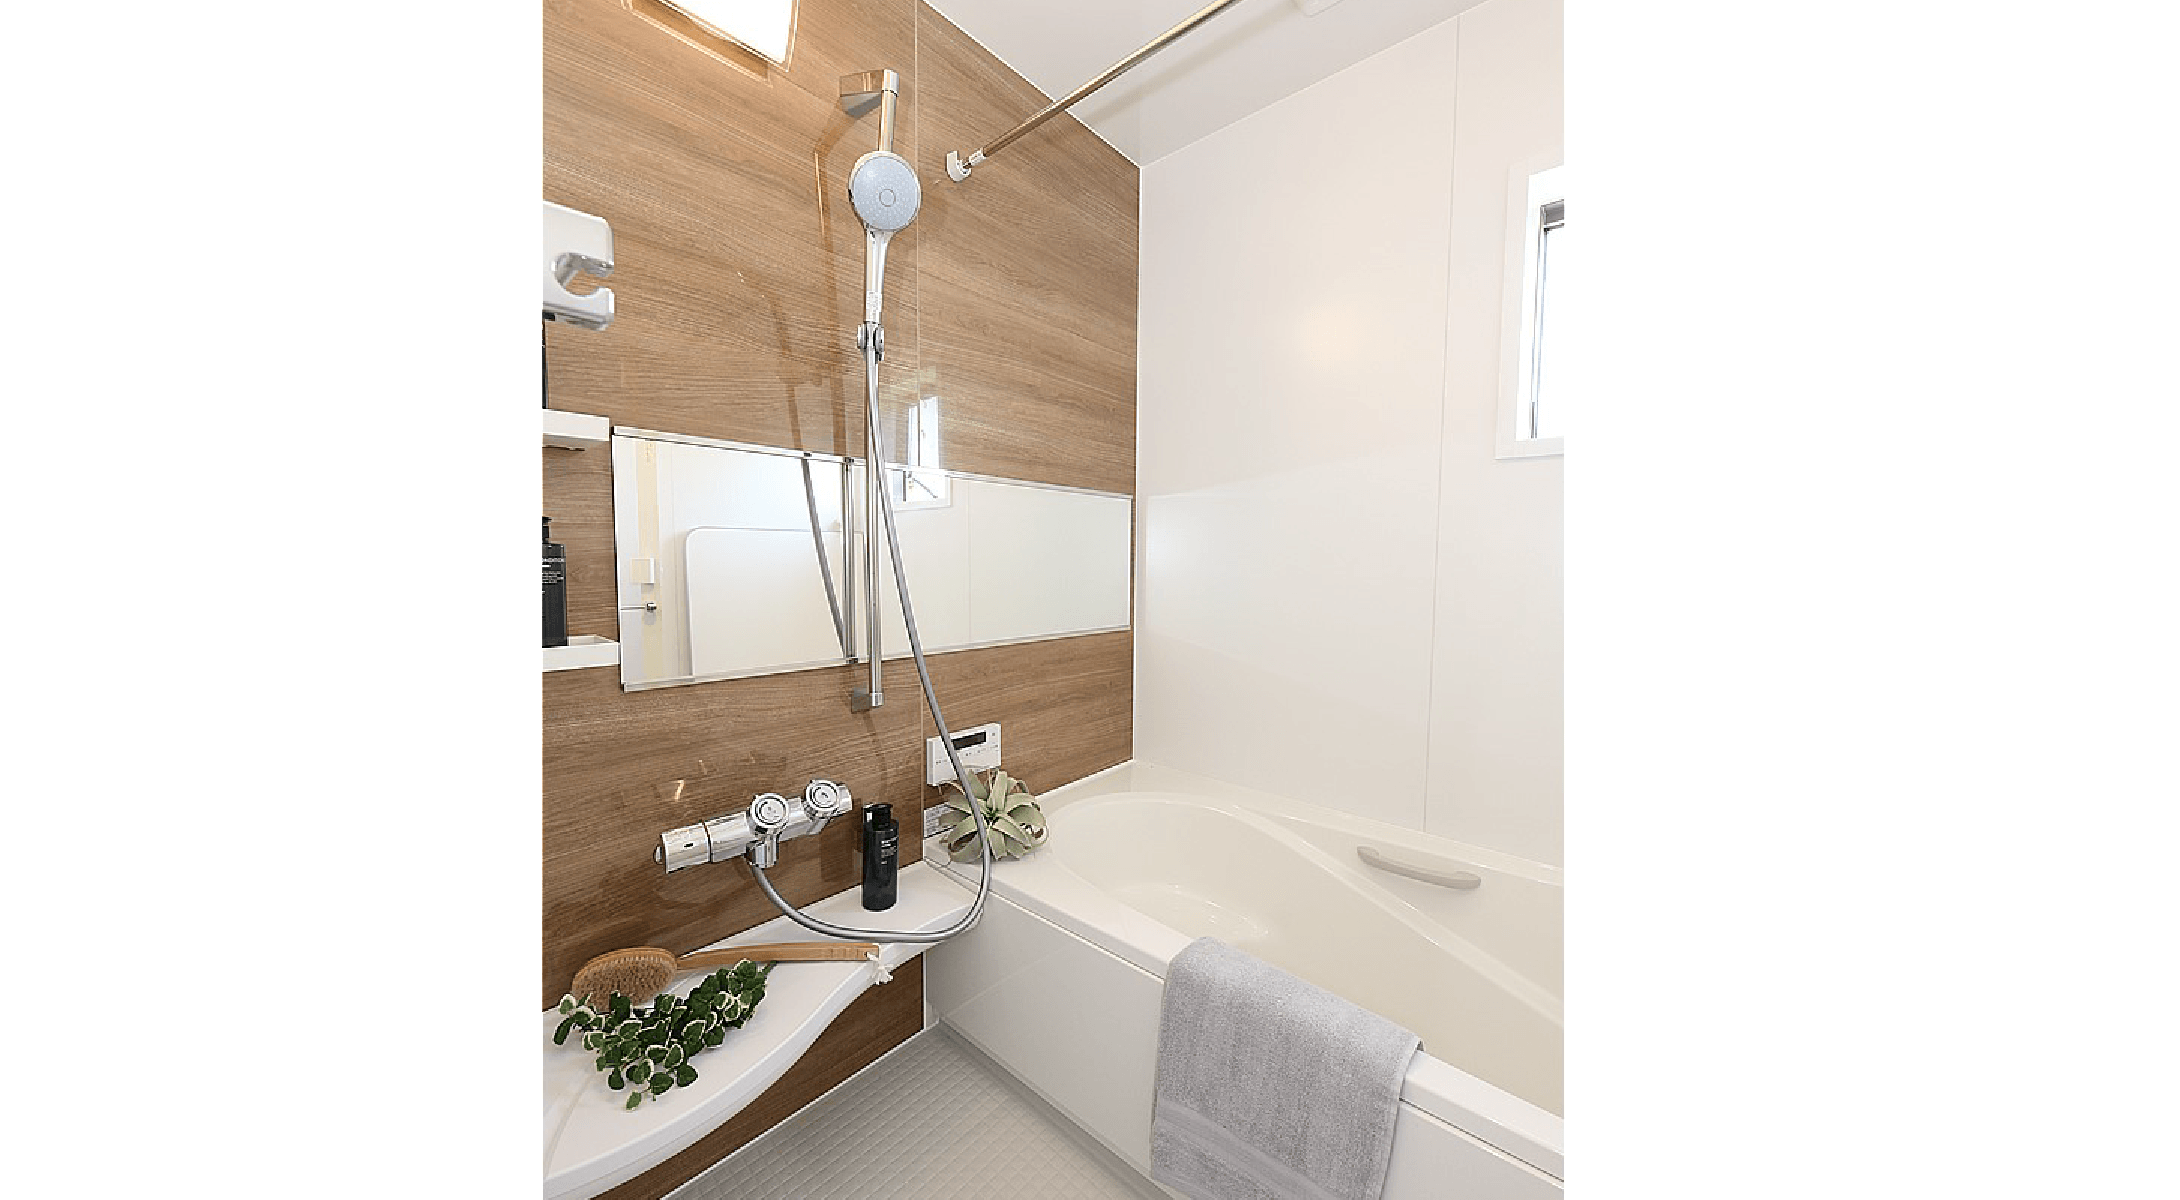 【当社施工例・浴室】間取りや仕様など実際と異なる場合がございます。